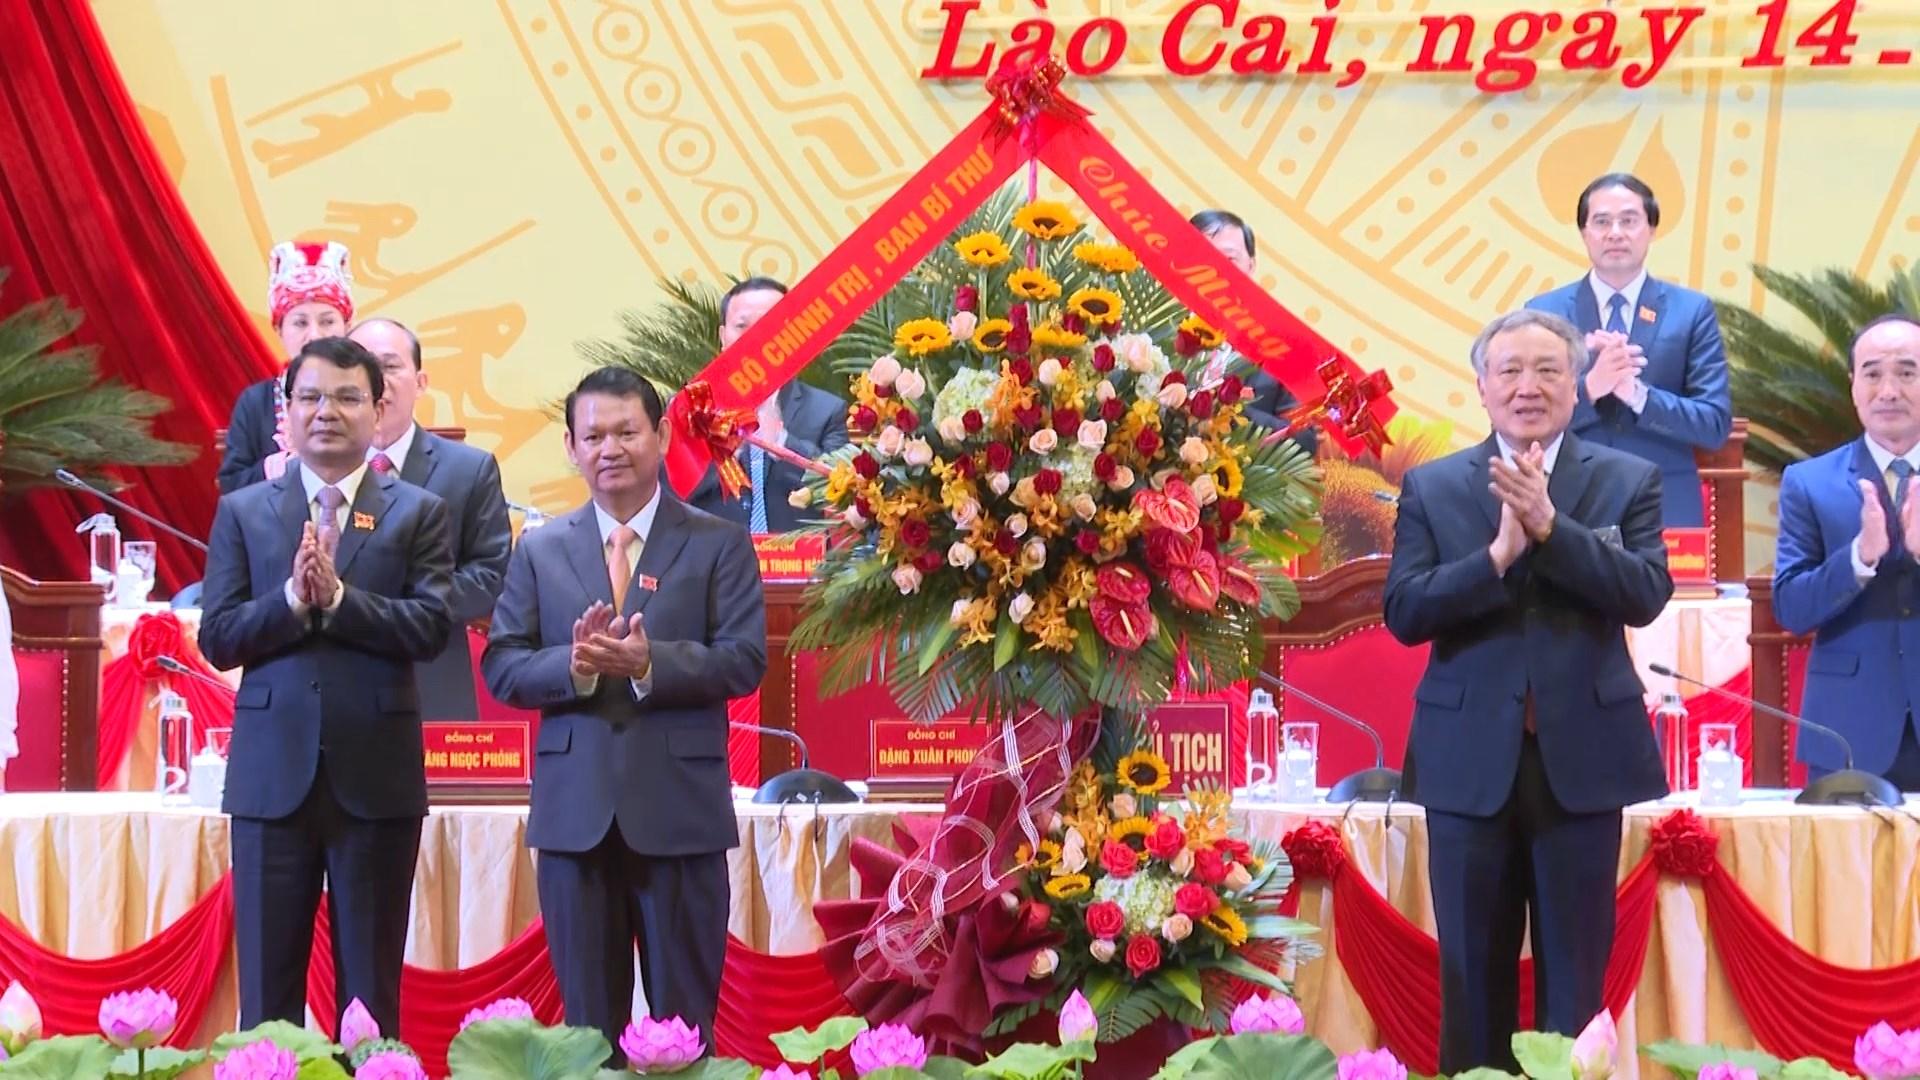 Bí thư Trung ương Đảng, Chánh án Tòa án Nhân dân tối cao Nguyễn Hòa Bình tặng hoa chúc mừng Đại hội